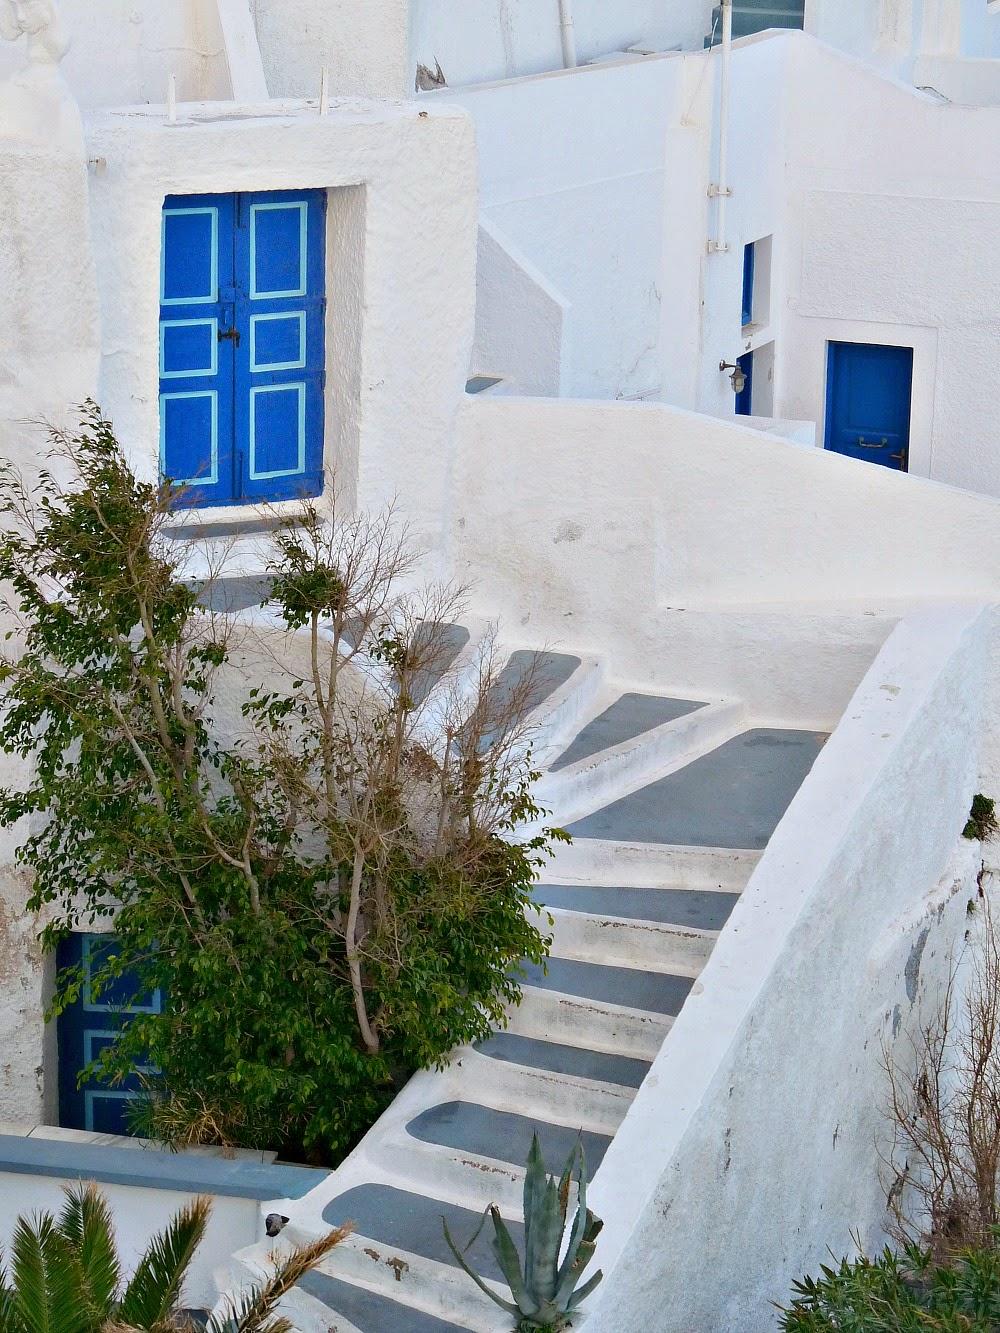 http://2.bp.blogspot.com/-w-udB60NtzY/VQxx8LoO9wI/AAAAAAAAZwY/cmYdvr8S5M4/s1600/Santorini%2BDoors.jpg